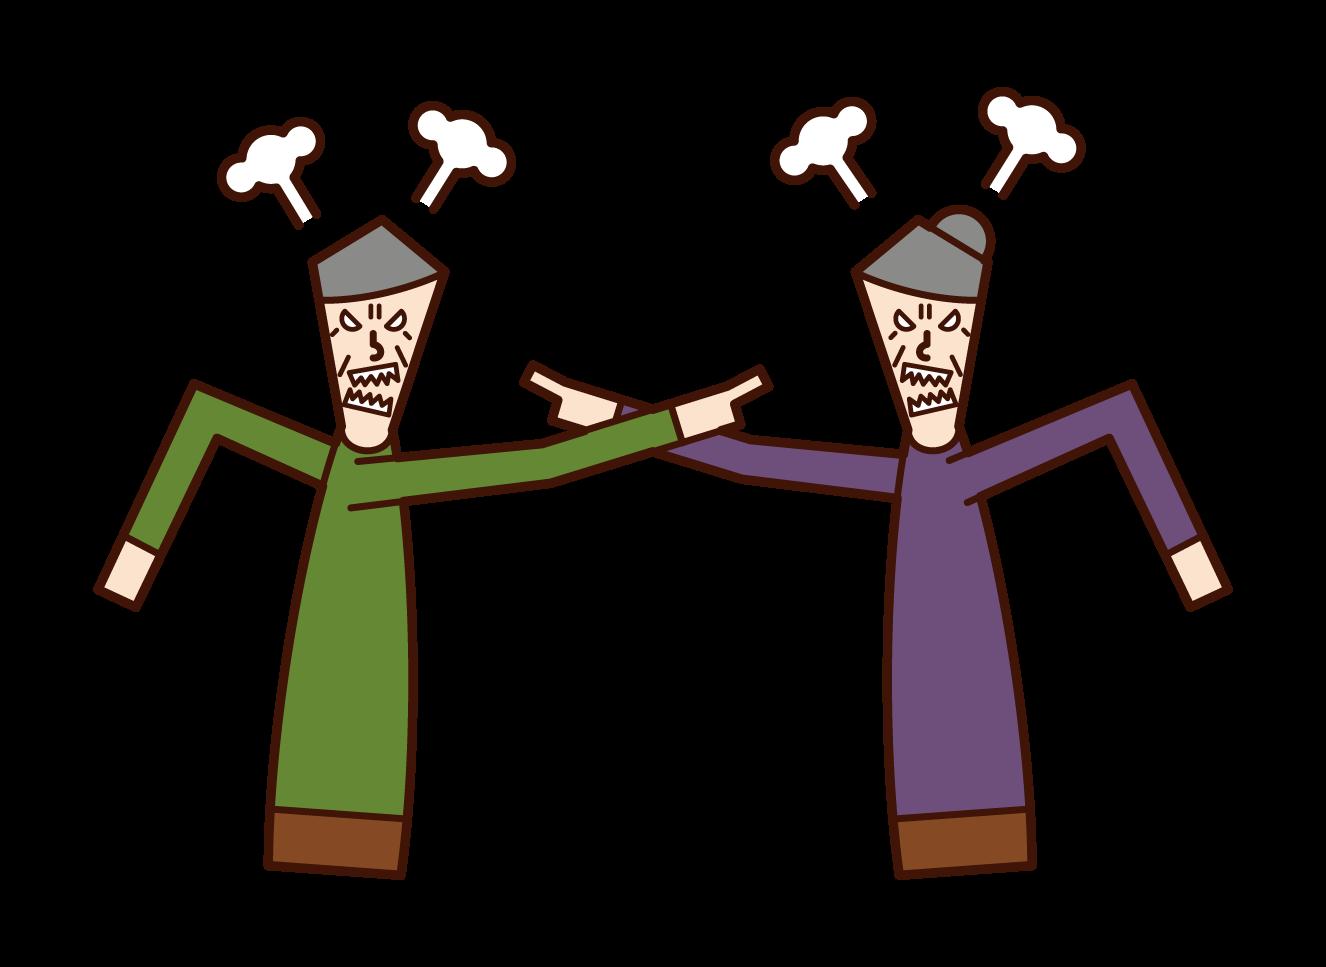 부부 싸움과 고함 (노부부)의 그림